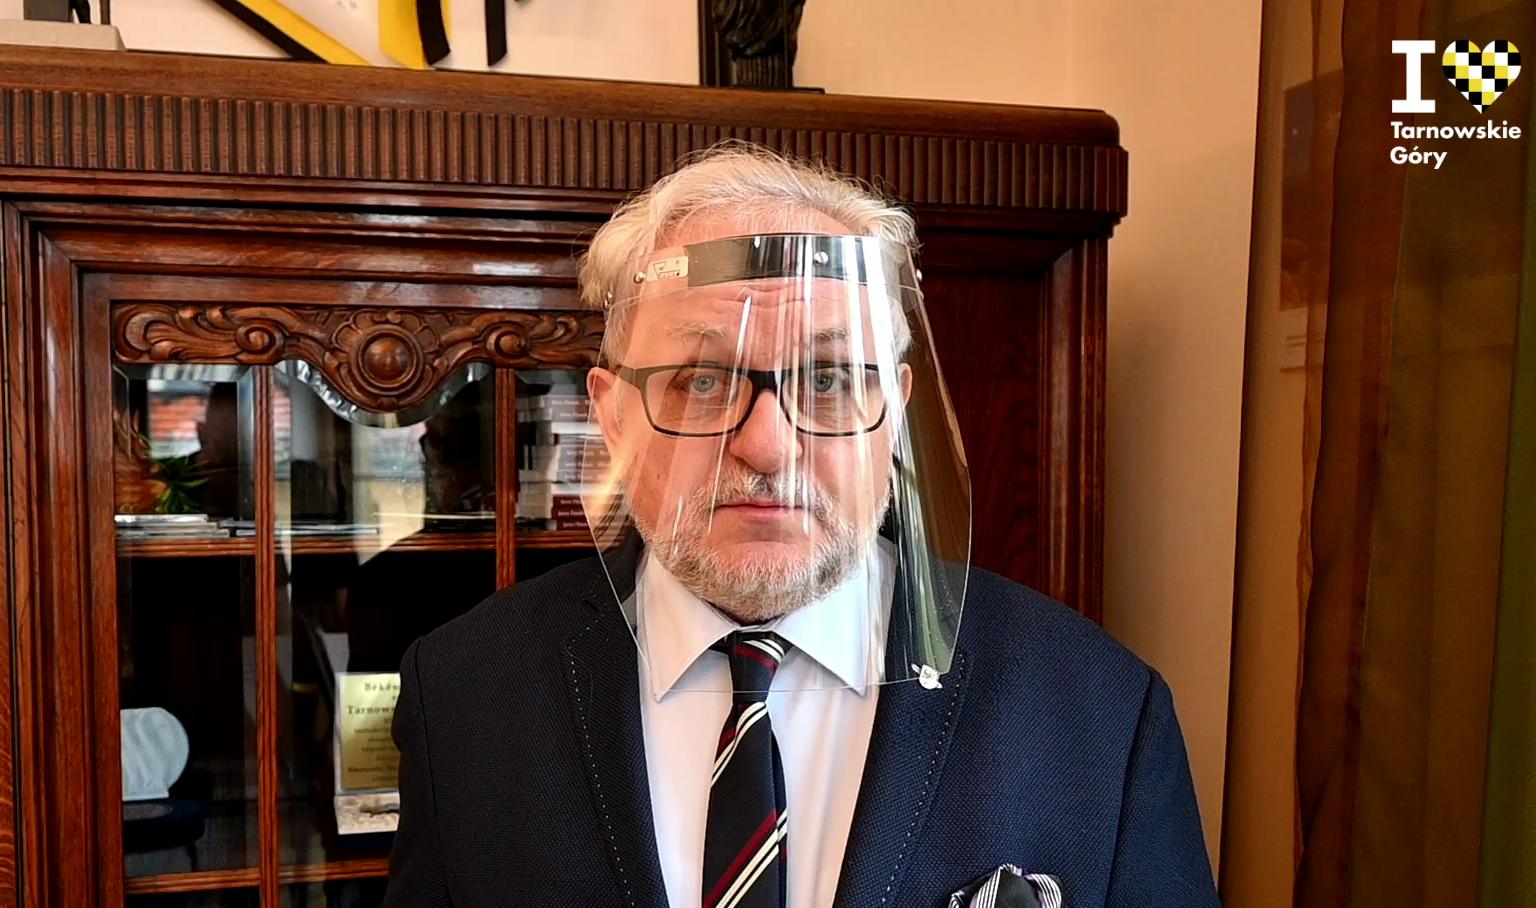 Burmistrz Arkadiusz Czech przesyła życzenia z okazji Dnia Edukacji Narodowej